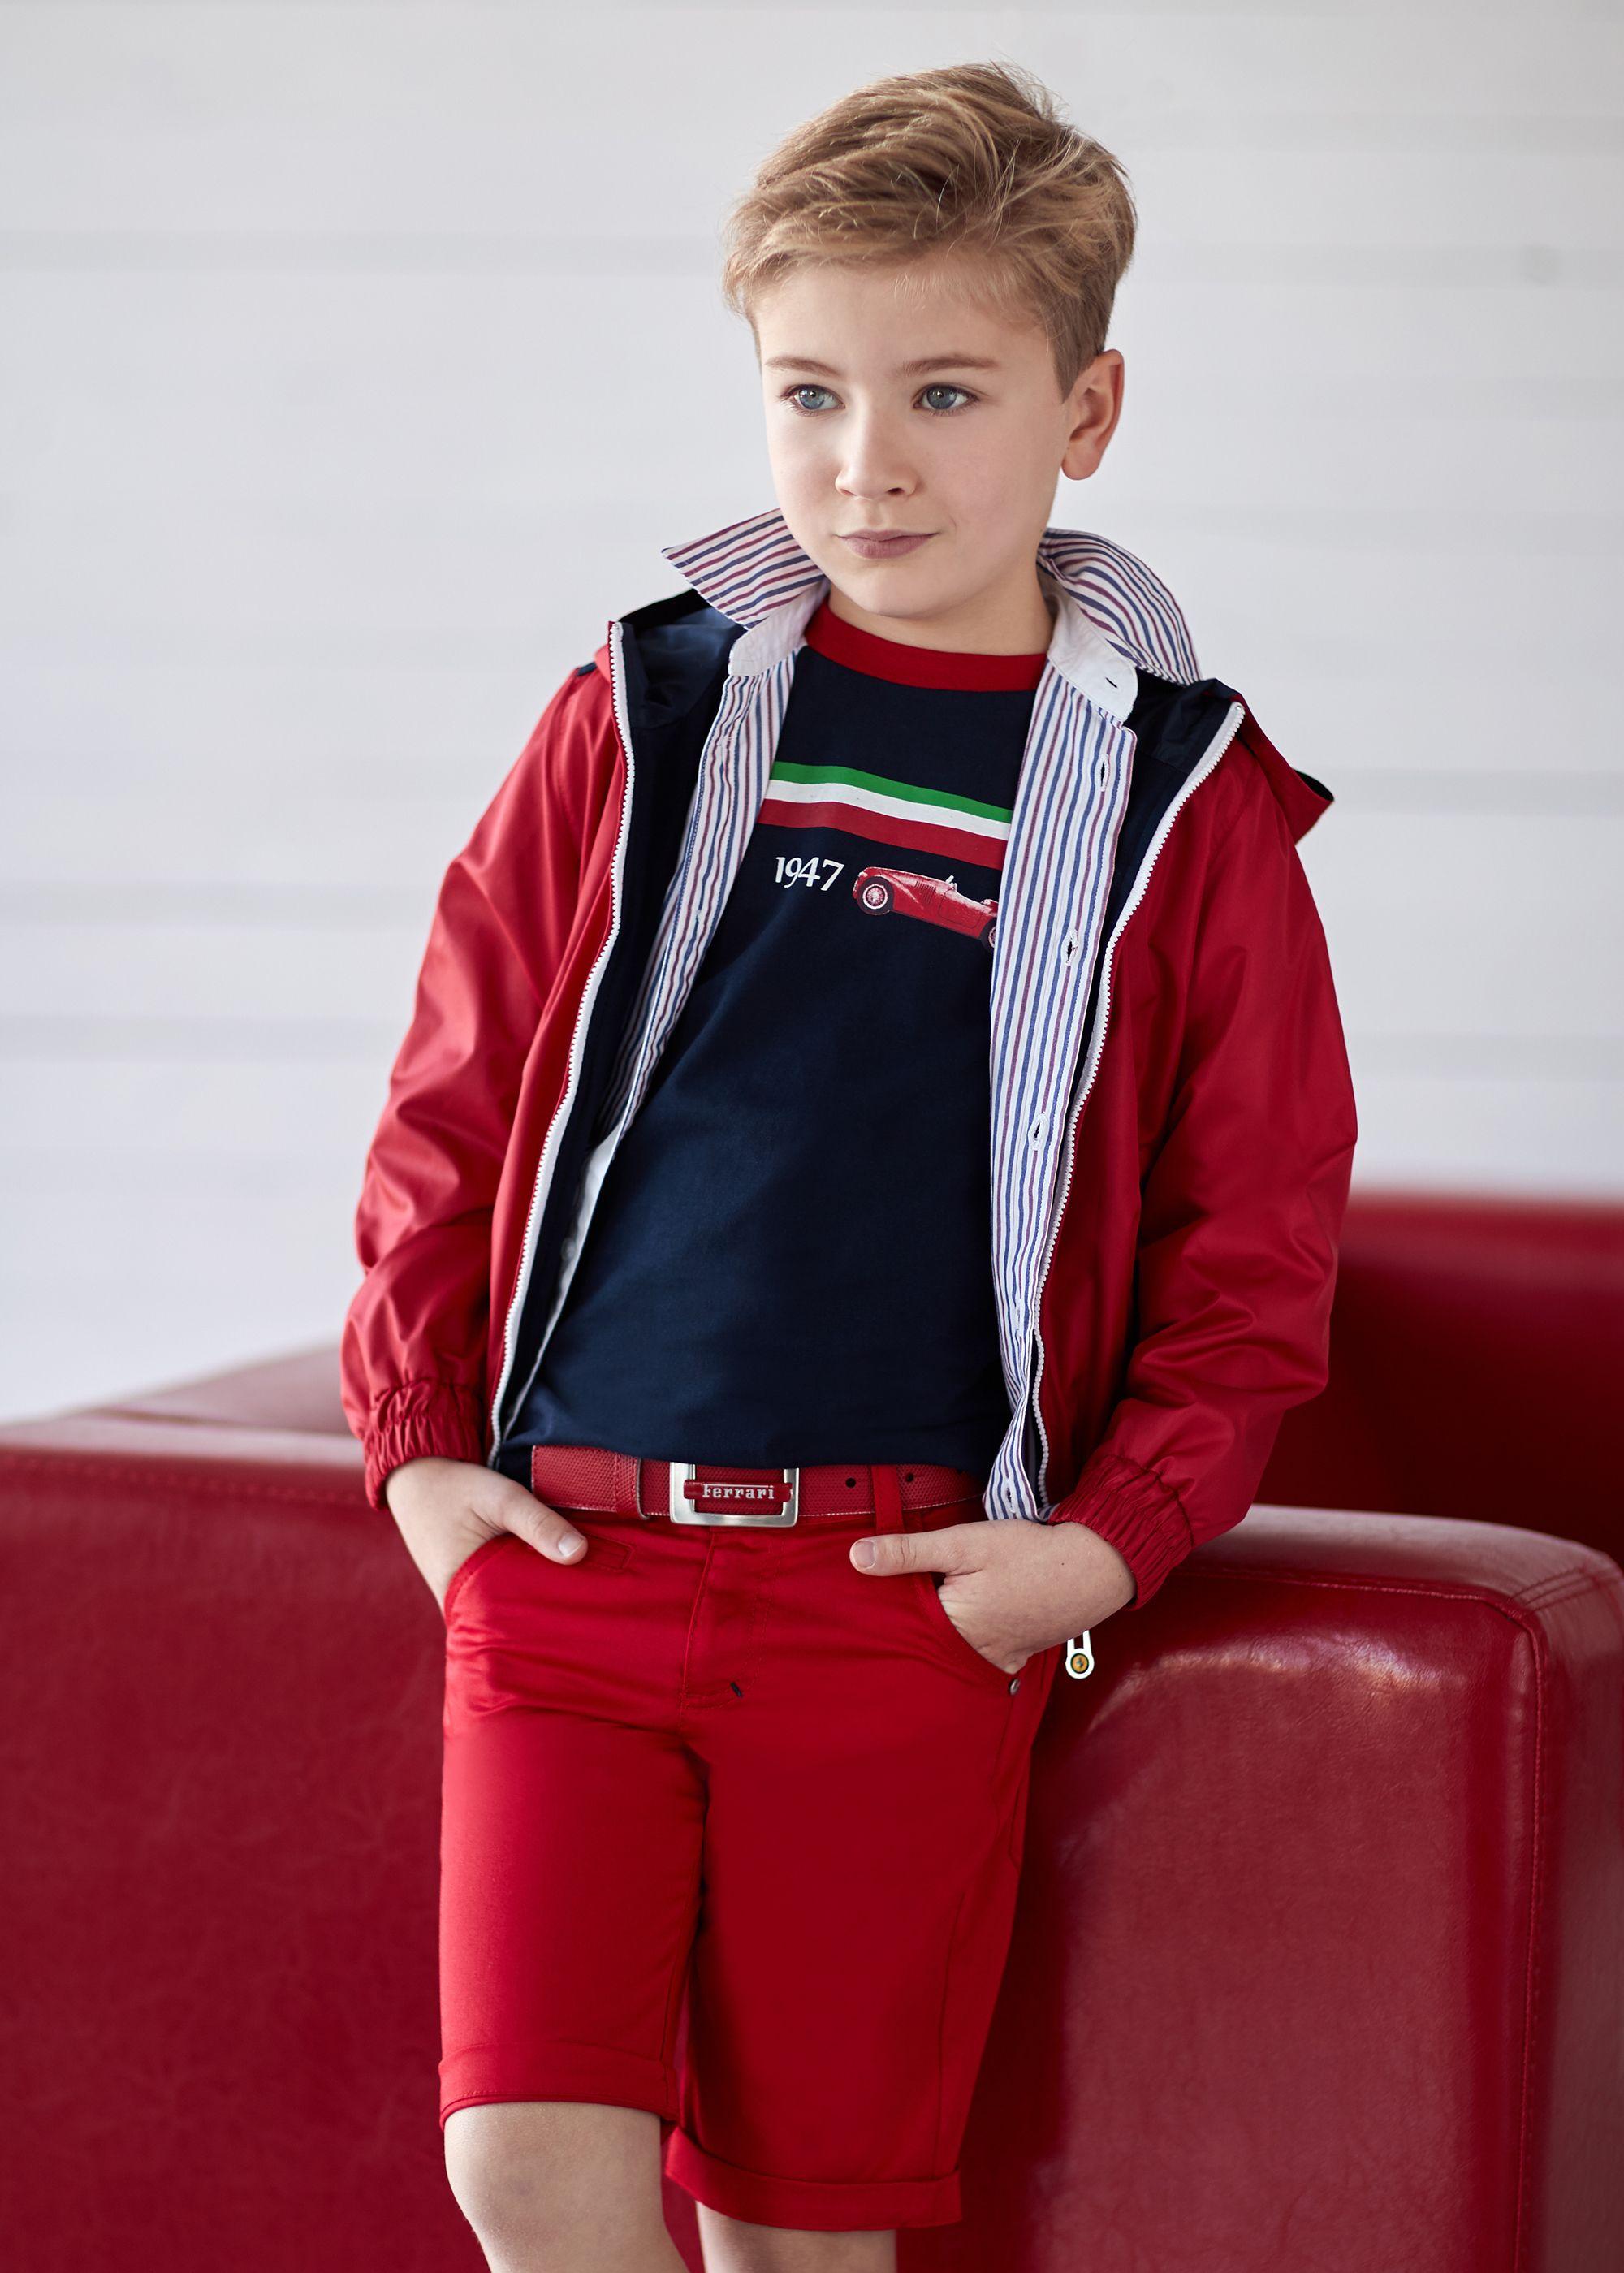 red to old en eu zoom ferrari cap kid eng brim pl clothes fbutik infant flat school products click